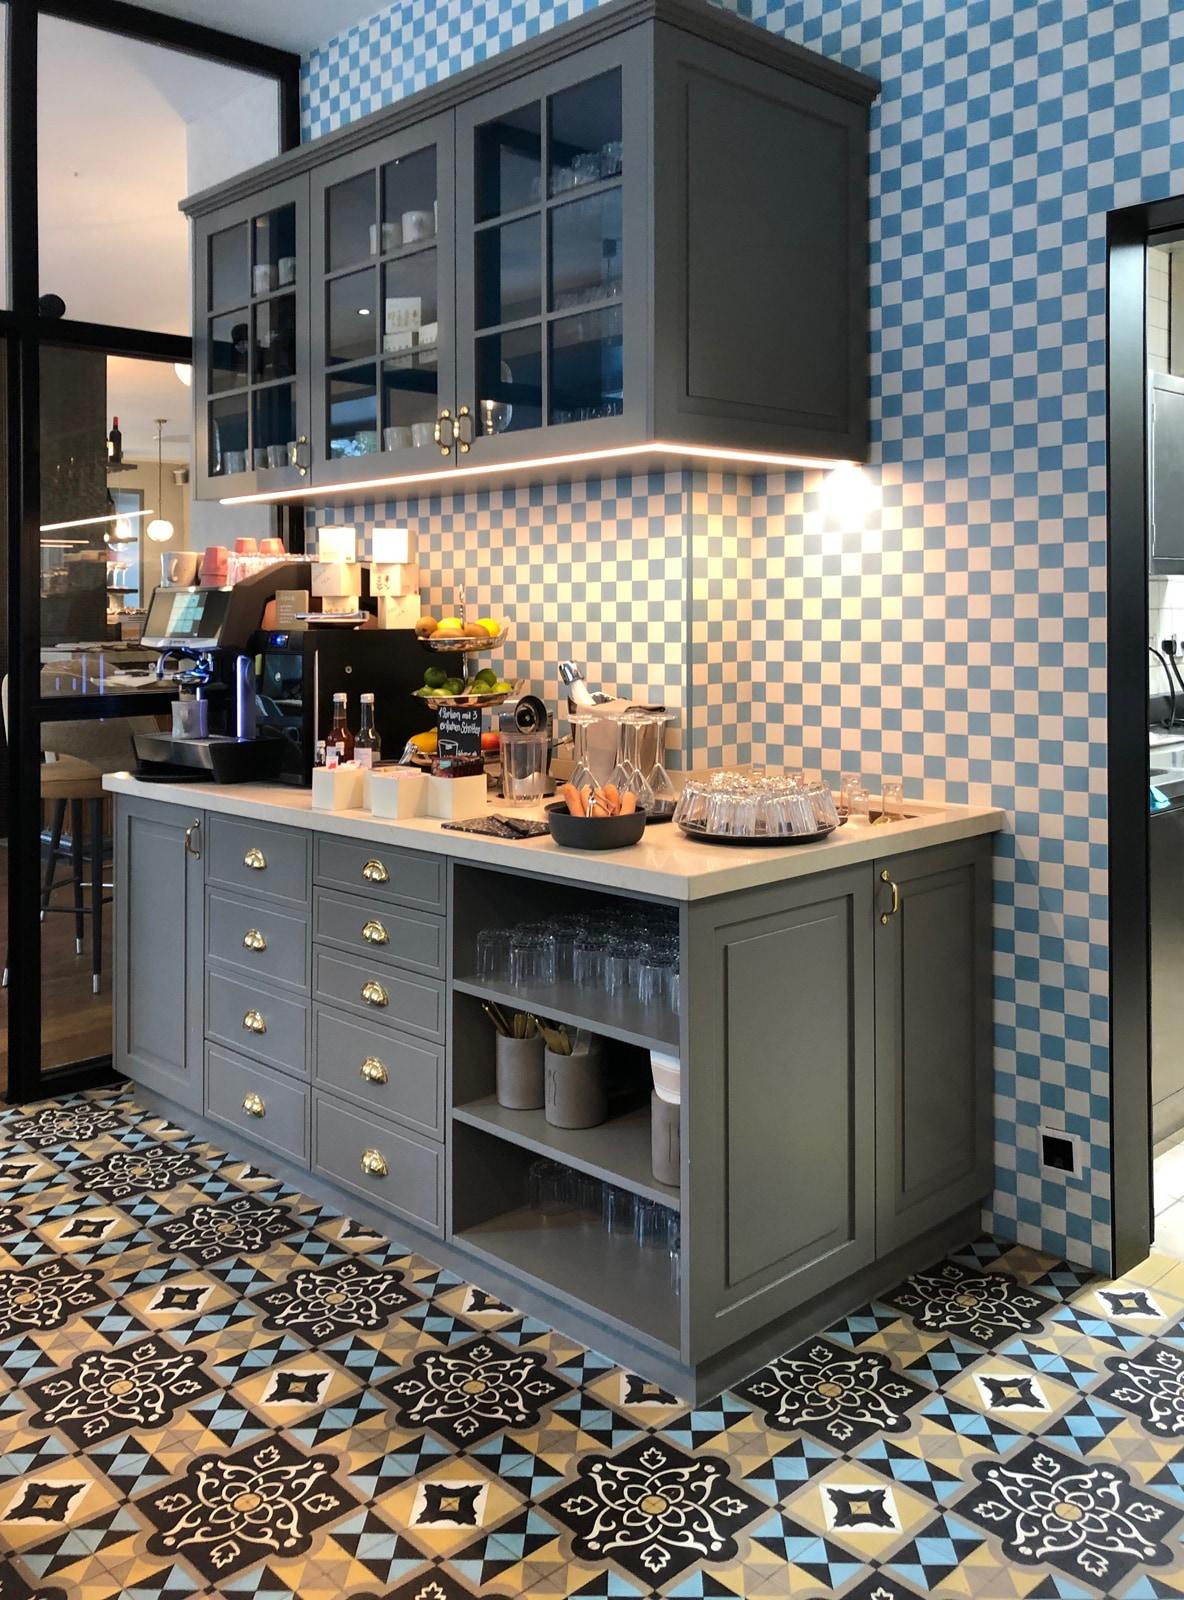 zementmosaikplatten-nummer-12460-hotel-via-gmbh | 12460